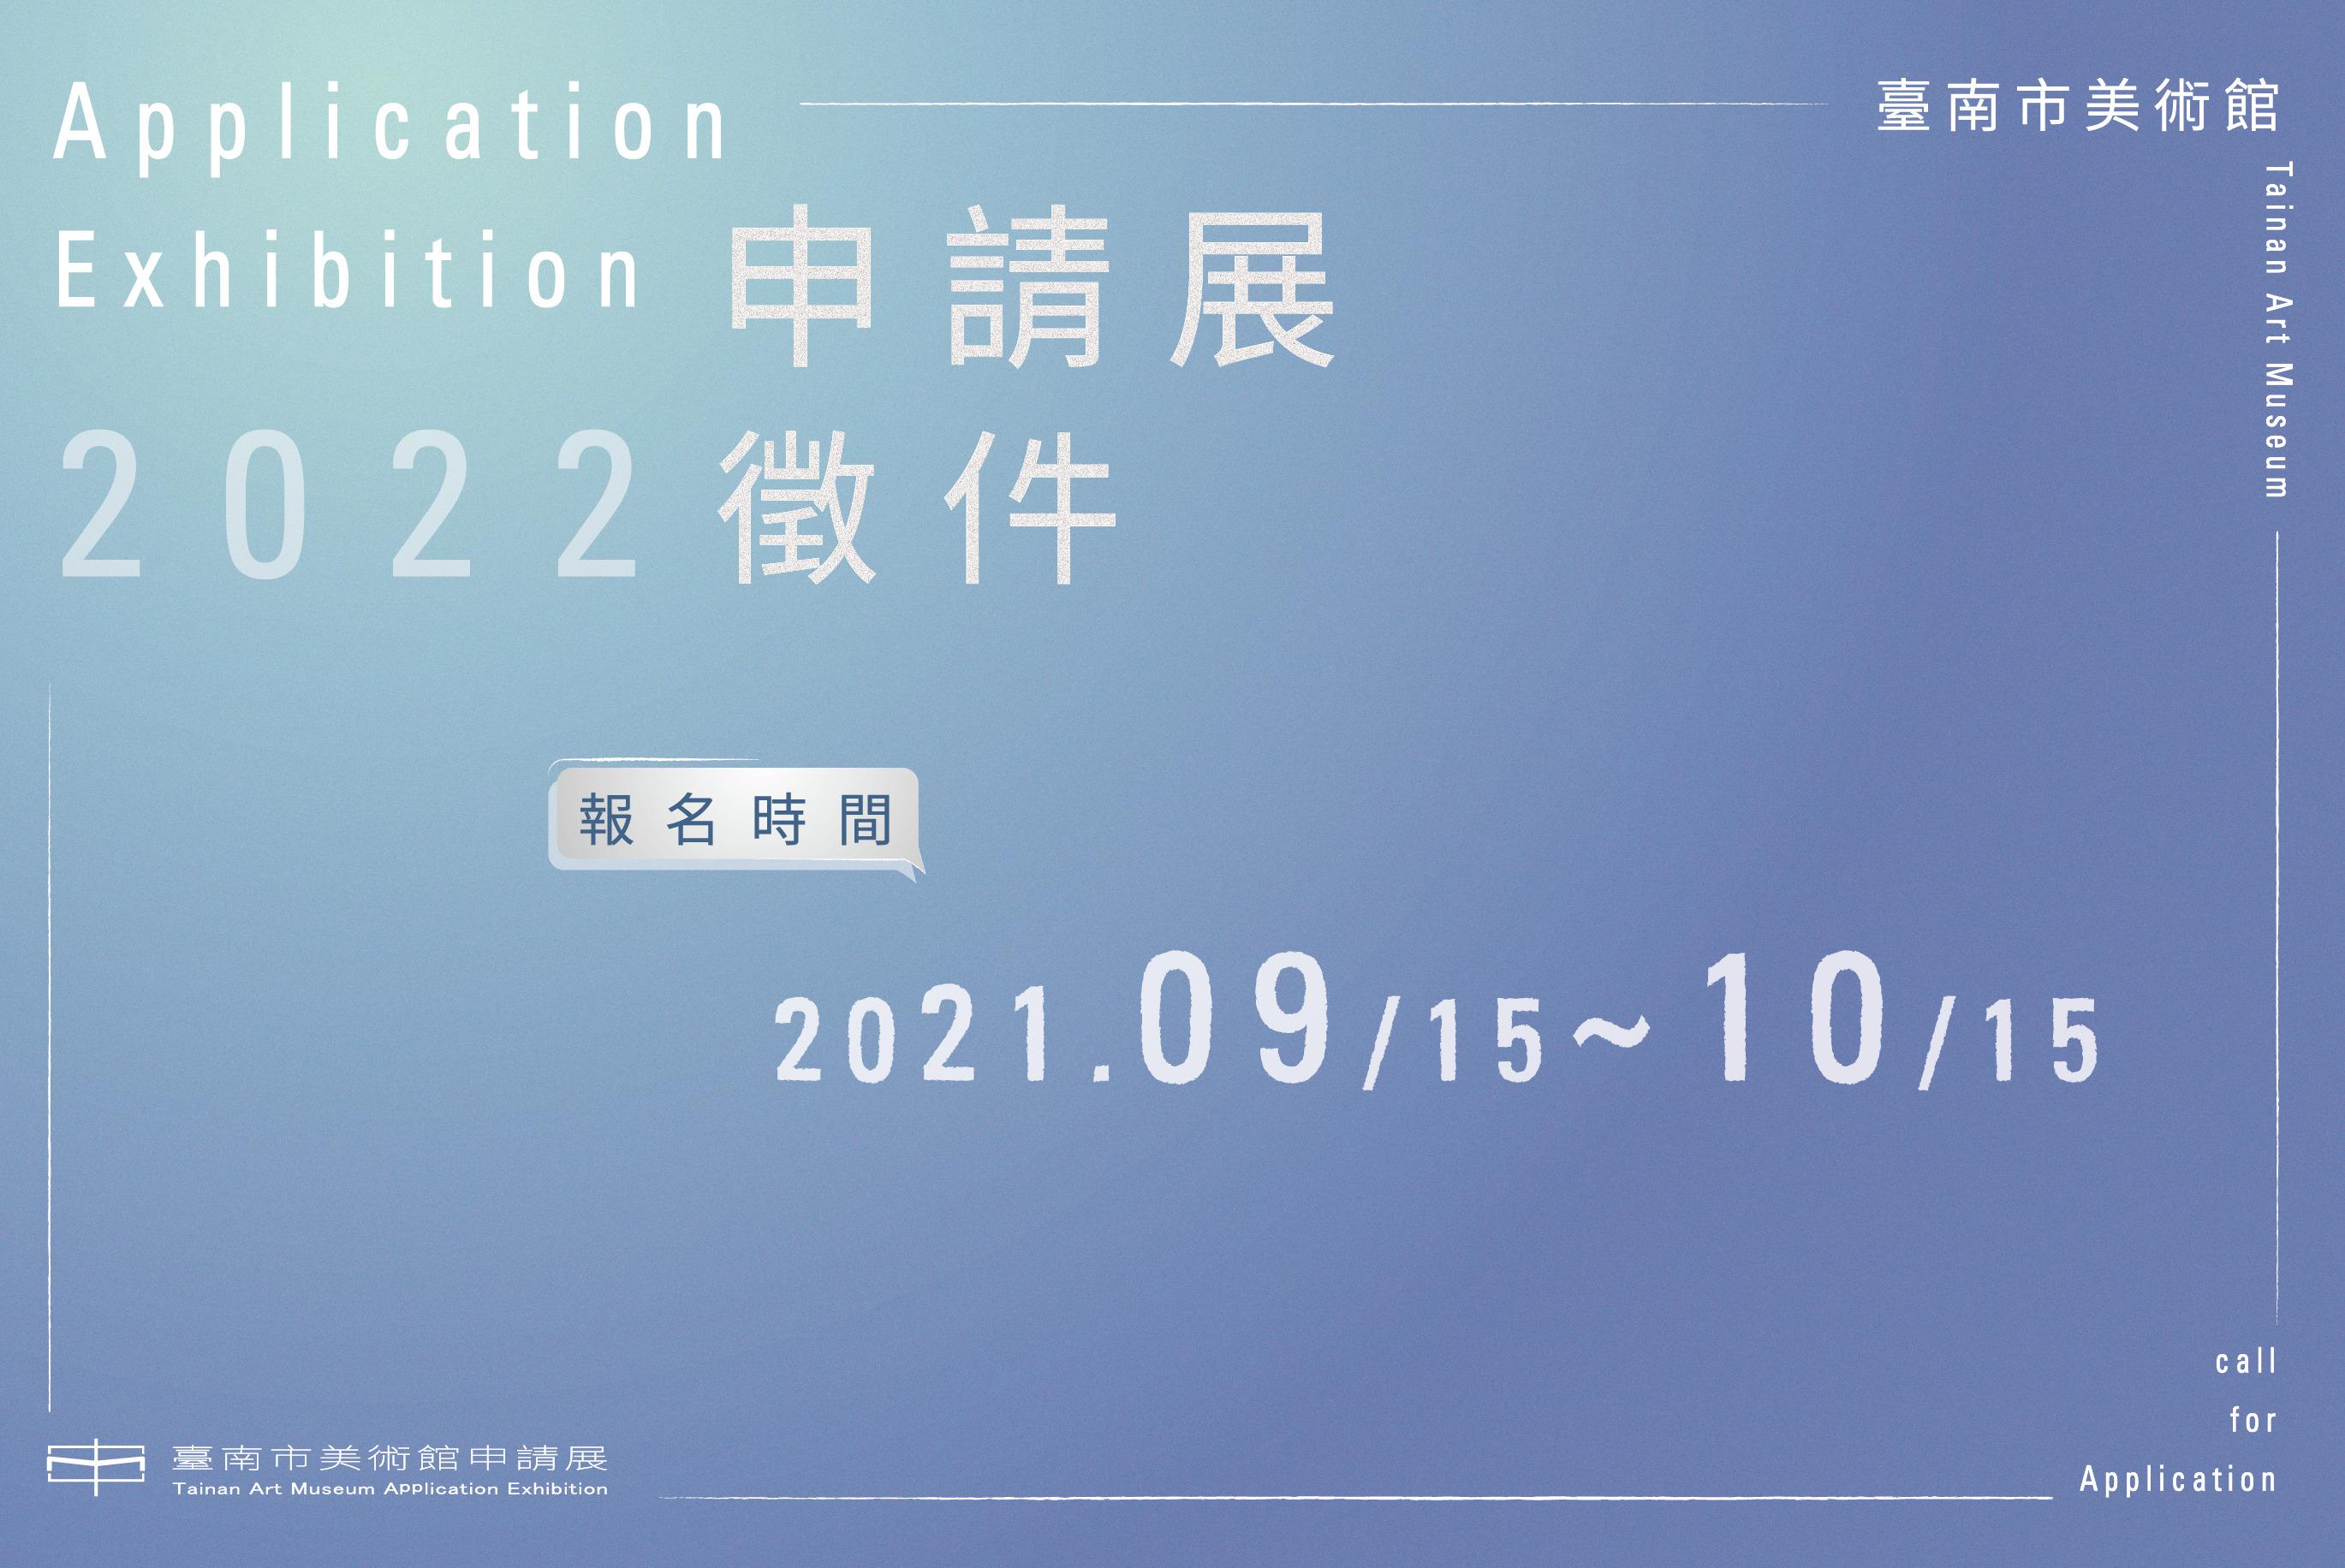 臺南市美術館2022年申請展